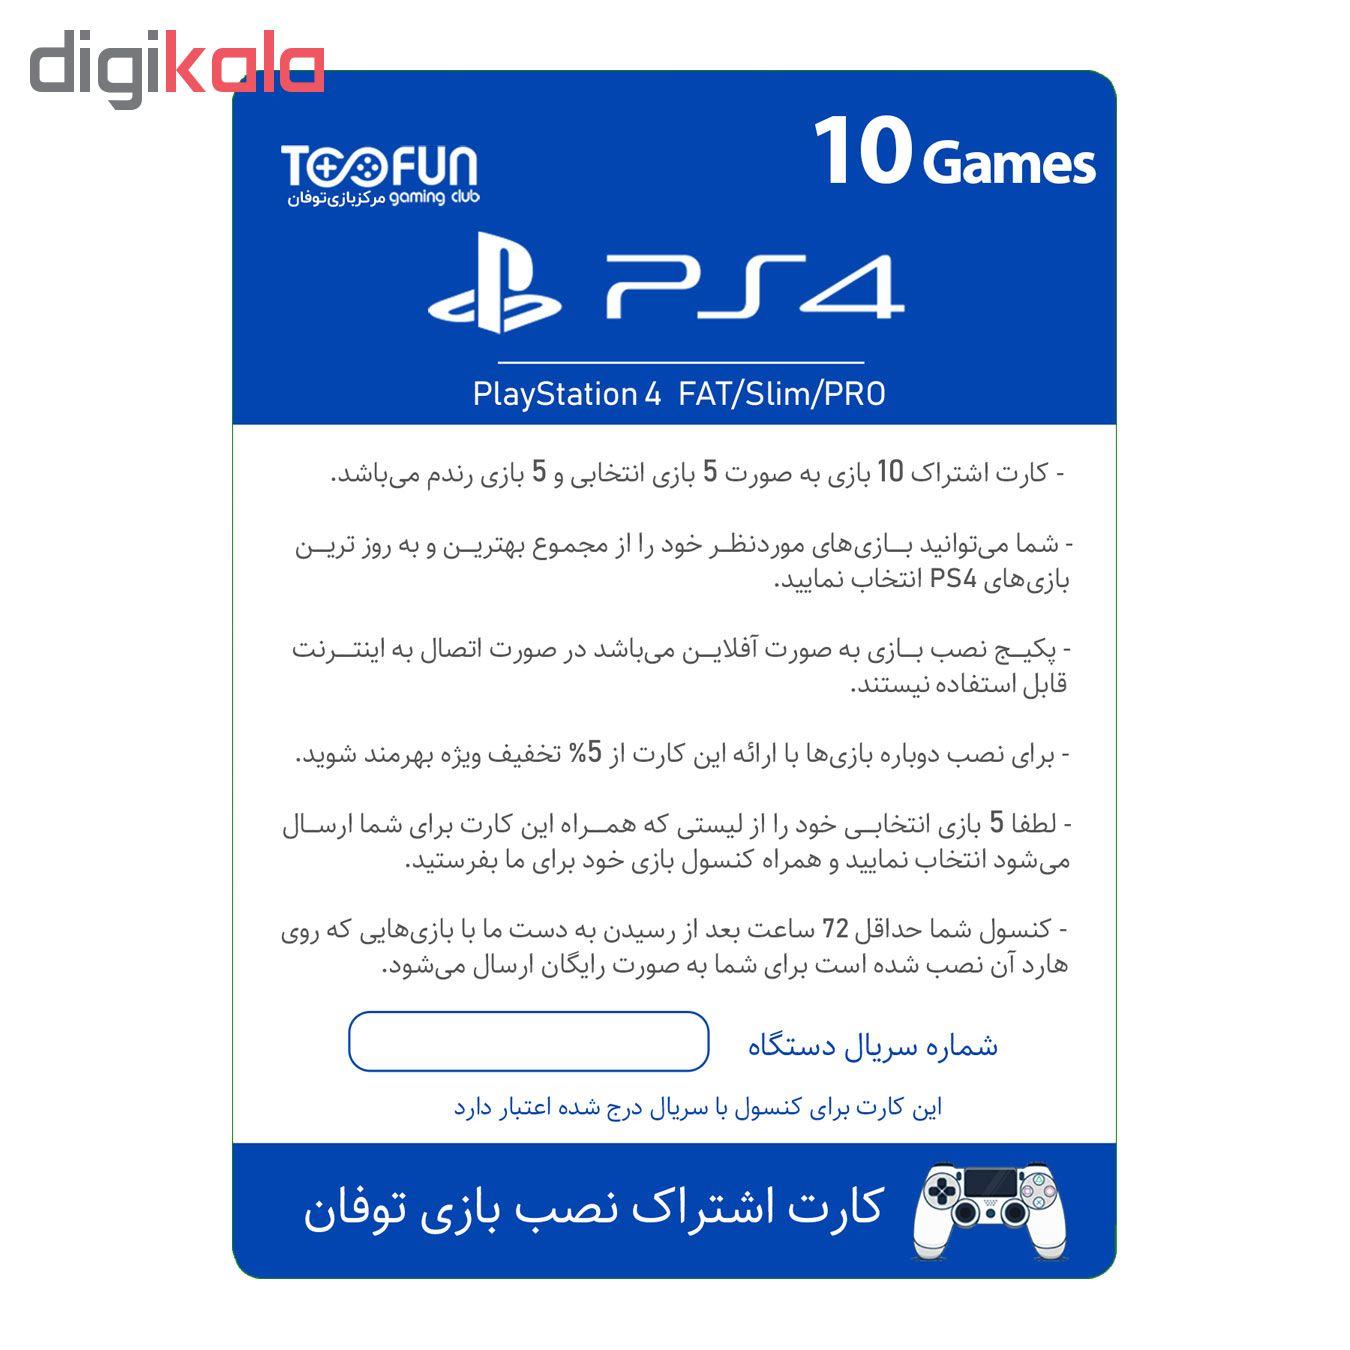 خرید اینترنتی کارت اشتراک نصب بازی مرکز بازی توفان مخصوص پلی استیشن 4 اورجینال